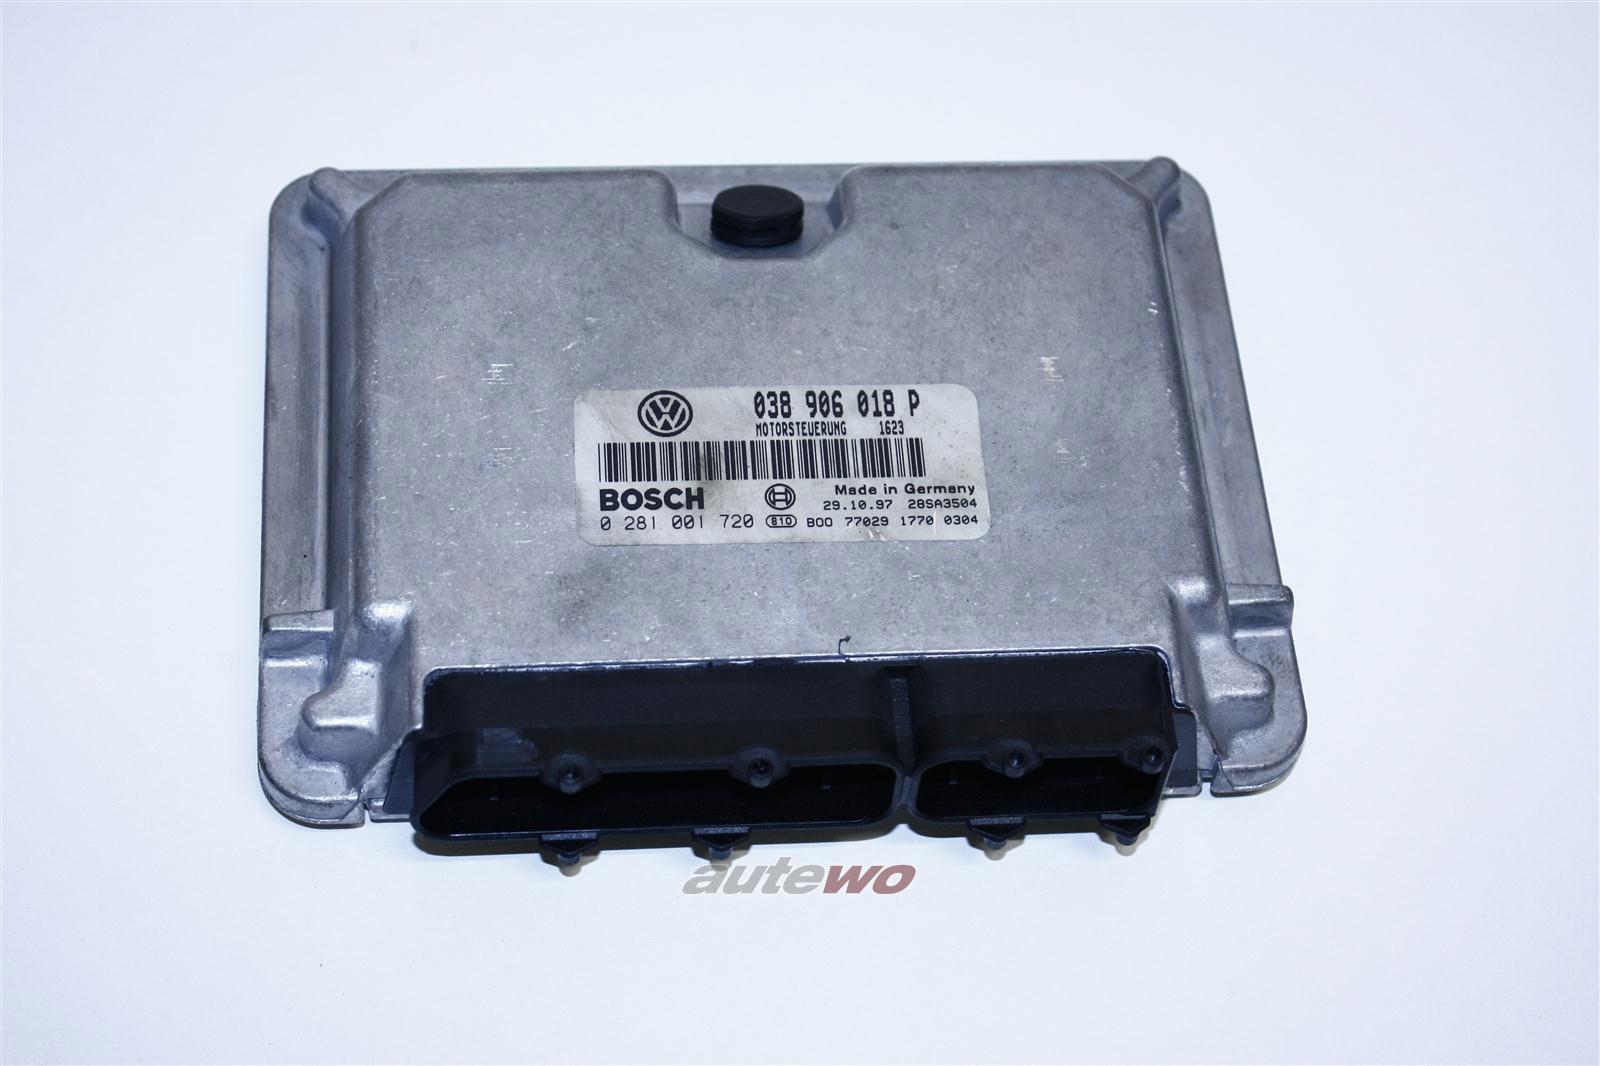 Audi A4 B5 1.9l 110PS AFN Motorsteuergerät 038906018P